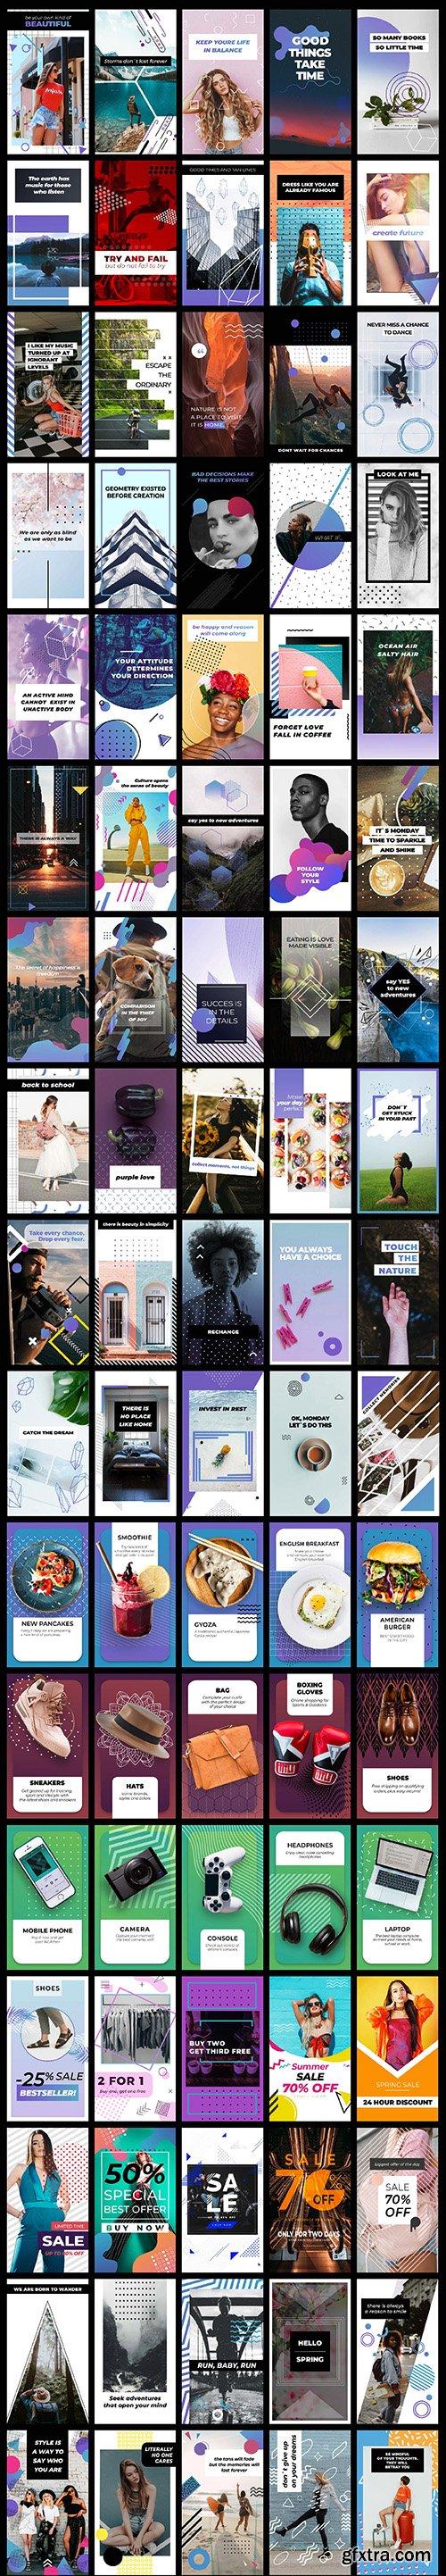 Videohive Instagram Package 22853026